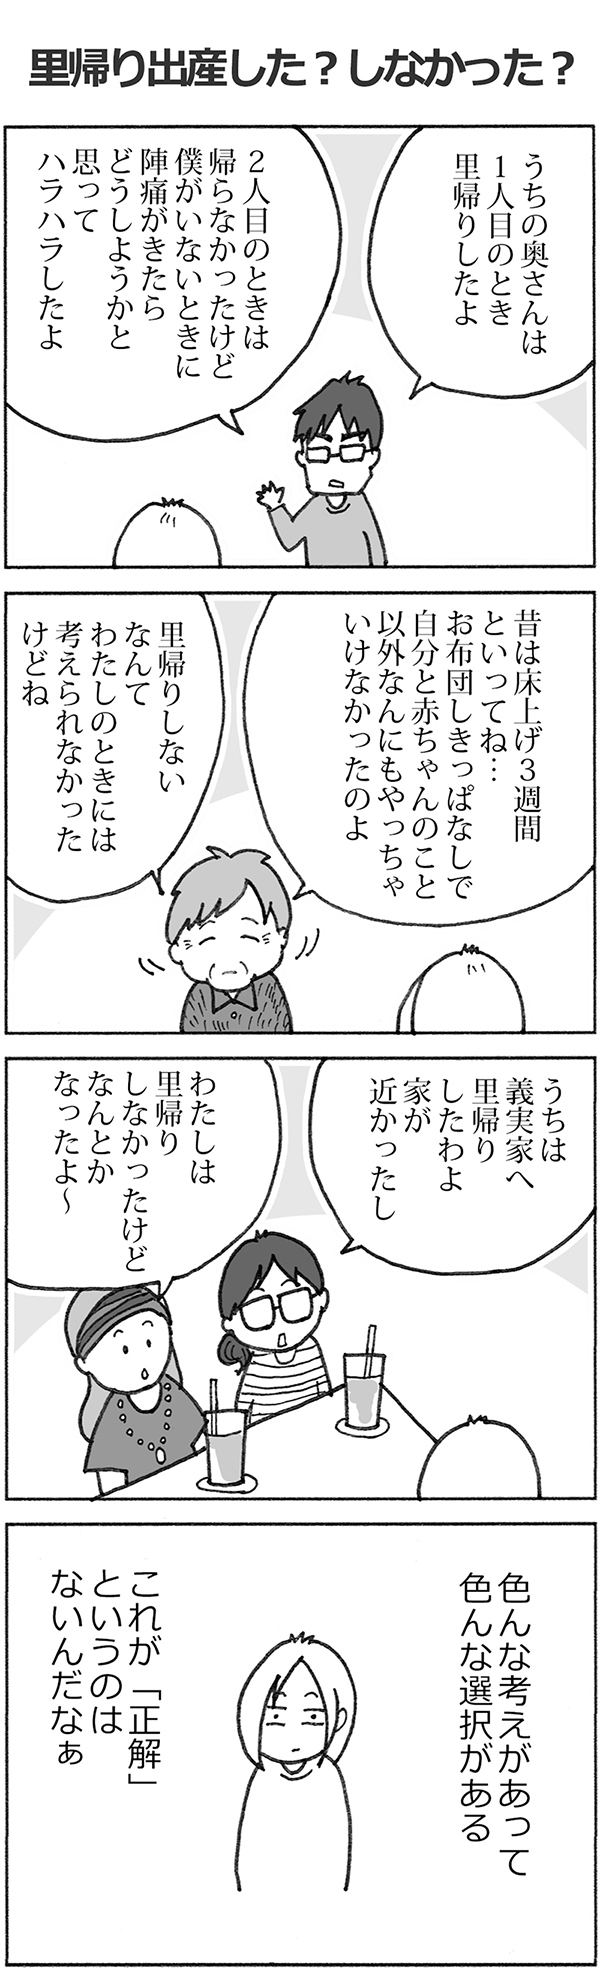 katakrico_14